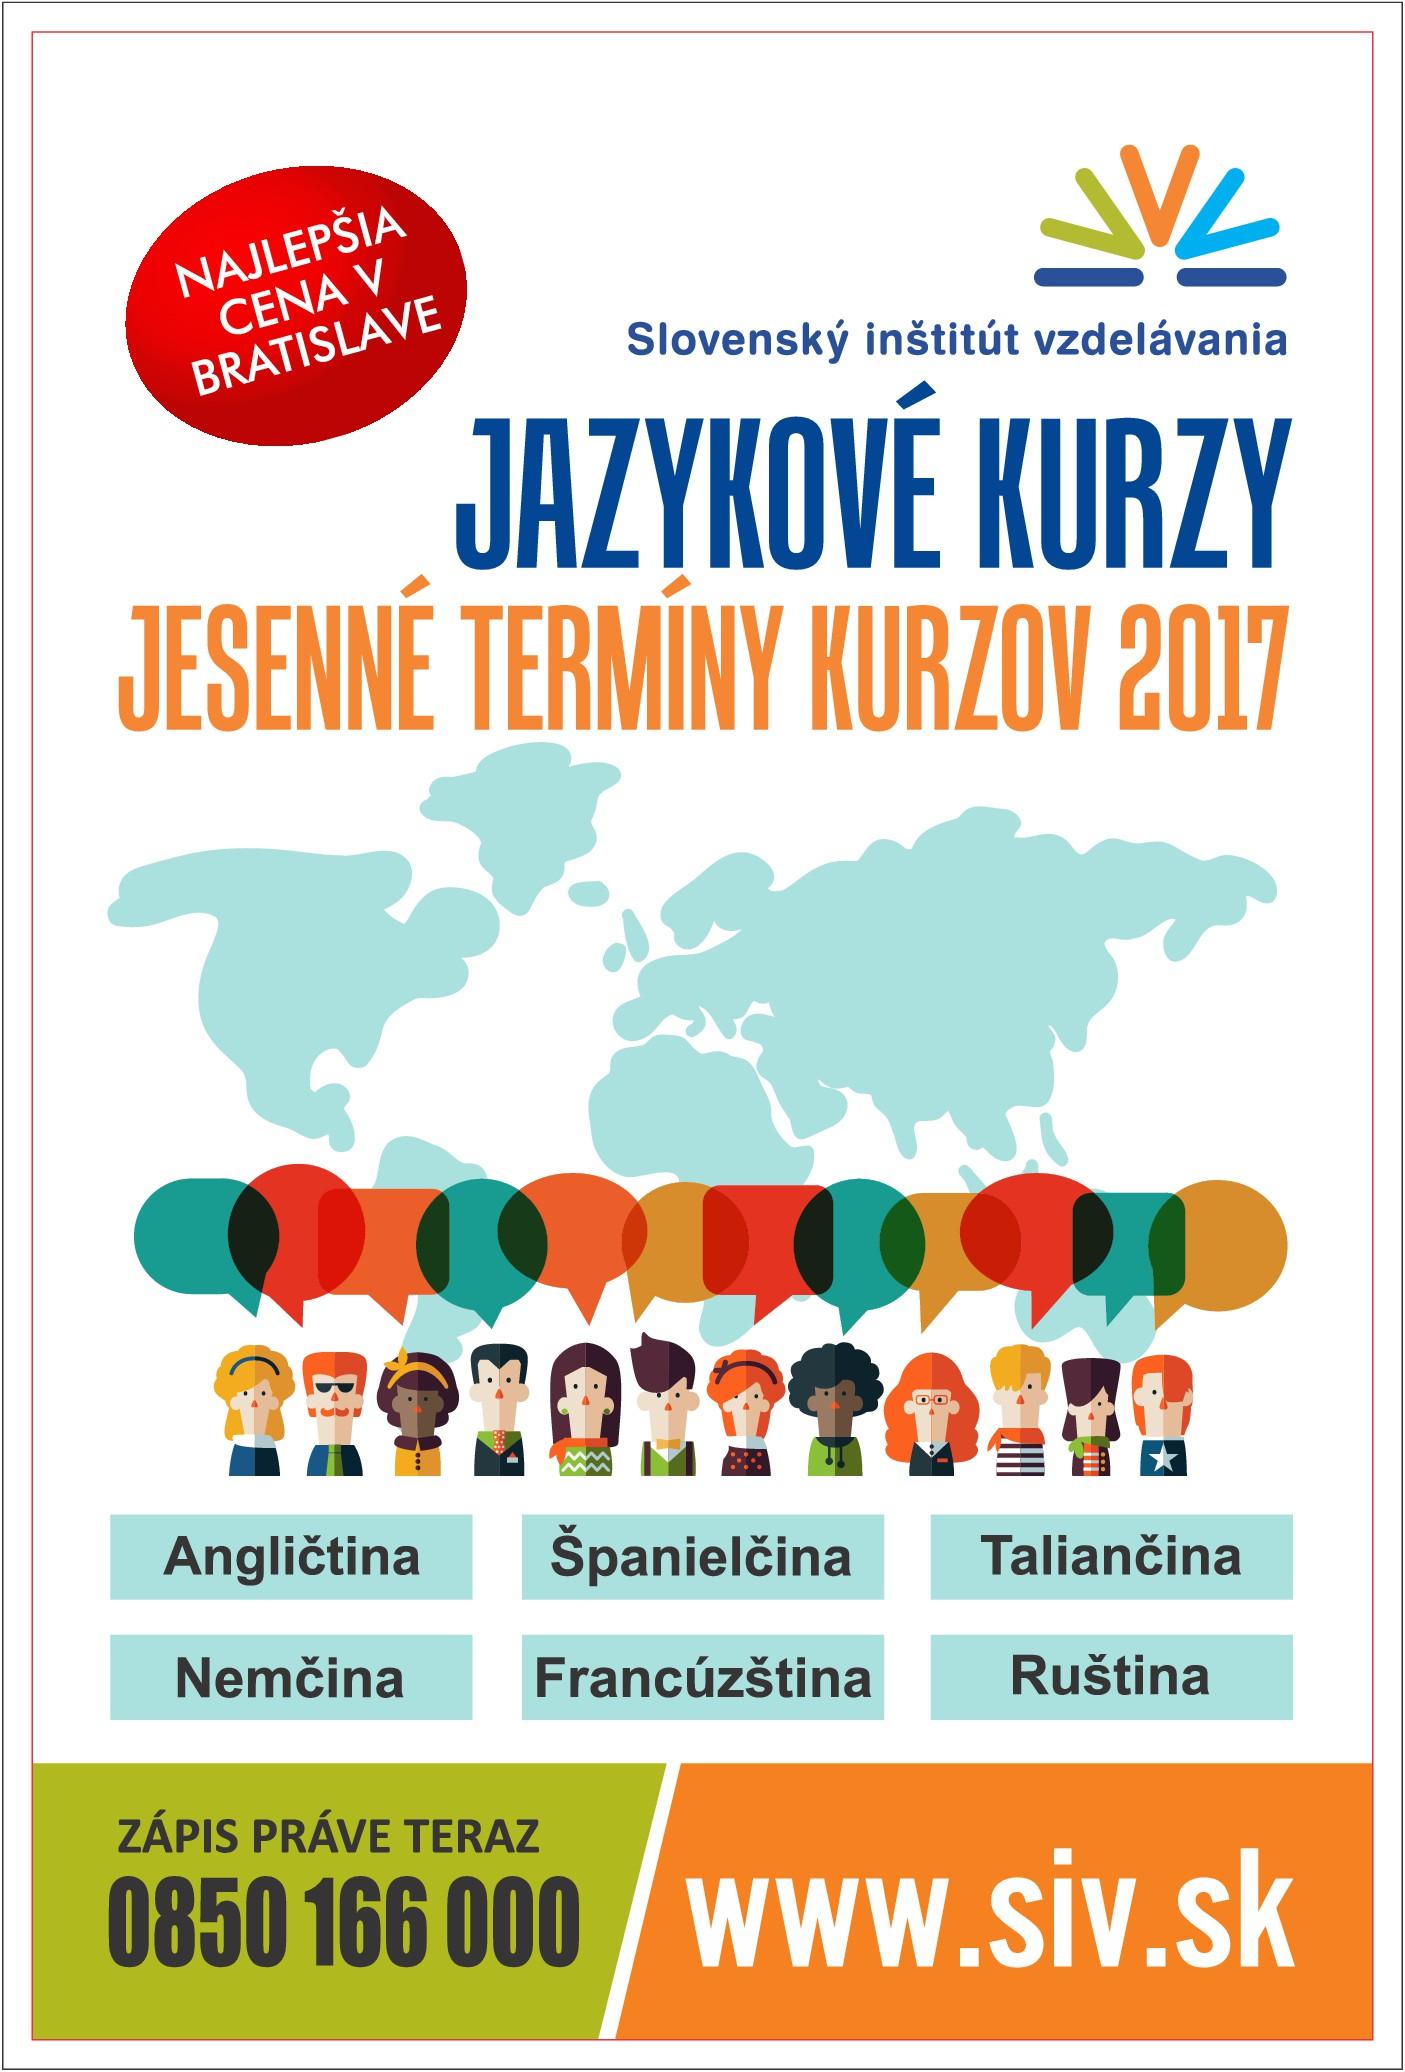 Language courses promotion - poster design